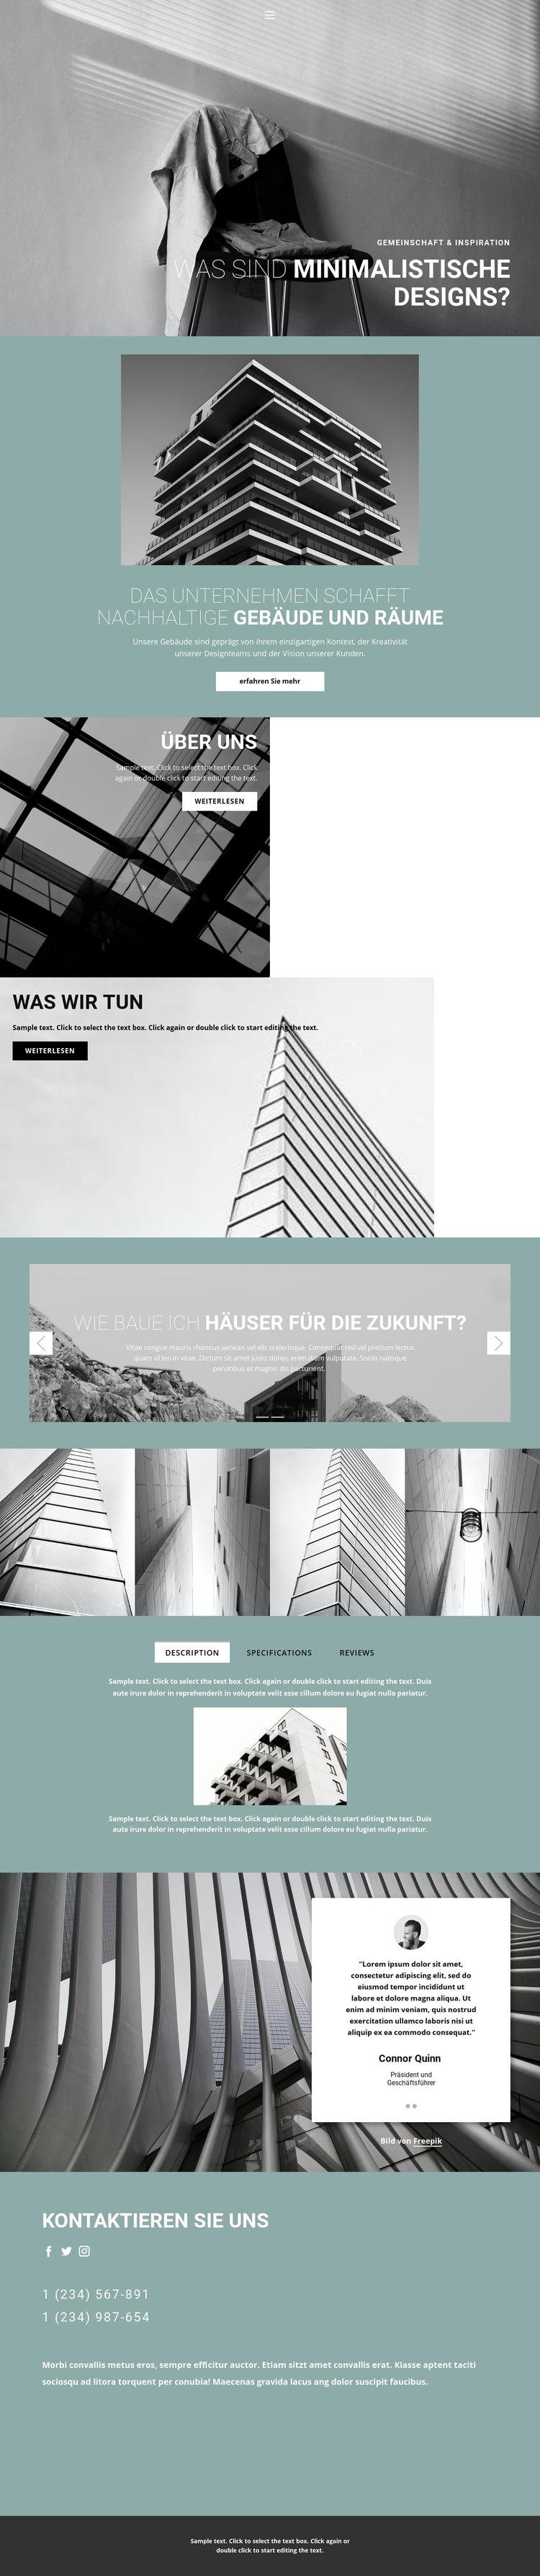 Perfekte Architekturideen Website-Vorlage